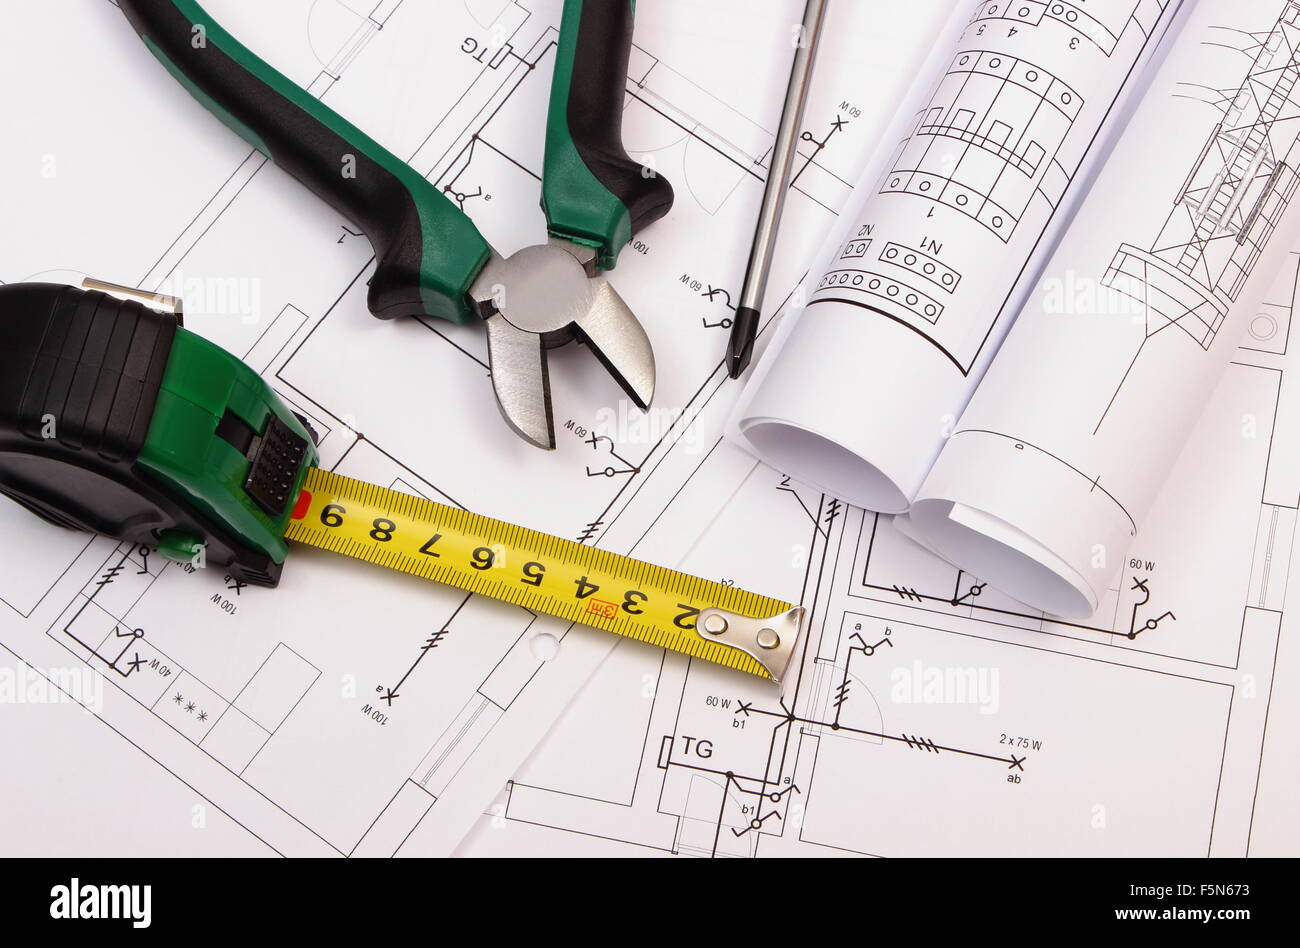 Metall Zangen, Schraubendreher, Maßband Und Rollen Von Diagrammen Auf  Elektrische Konstruktionszeichnung Des Stockbild